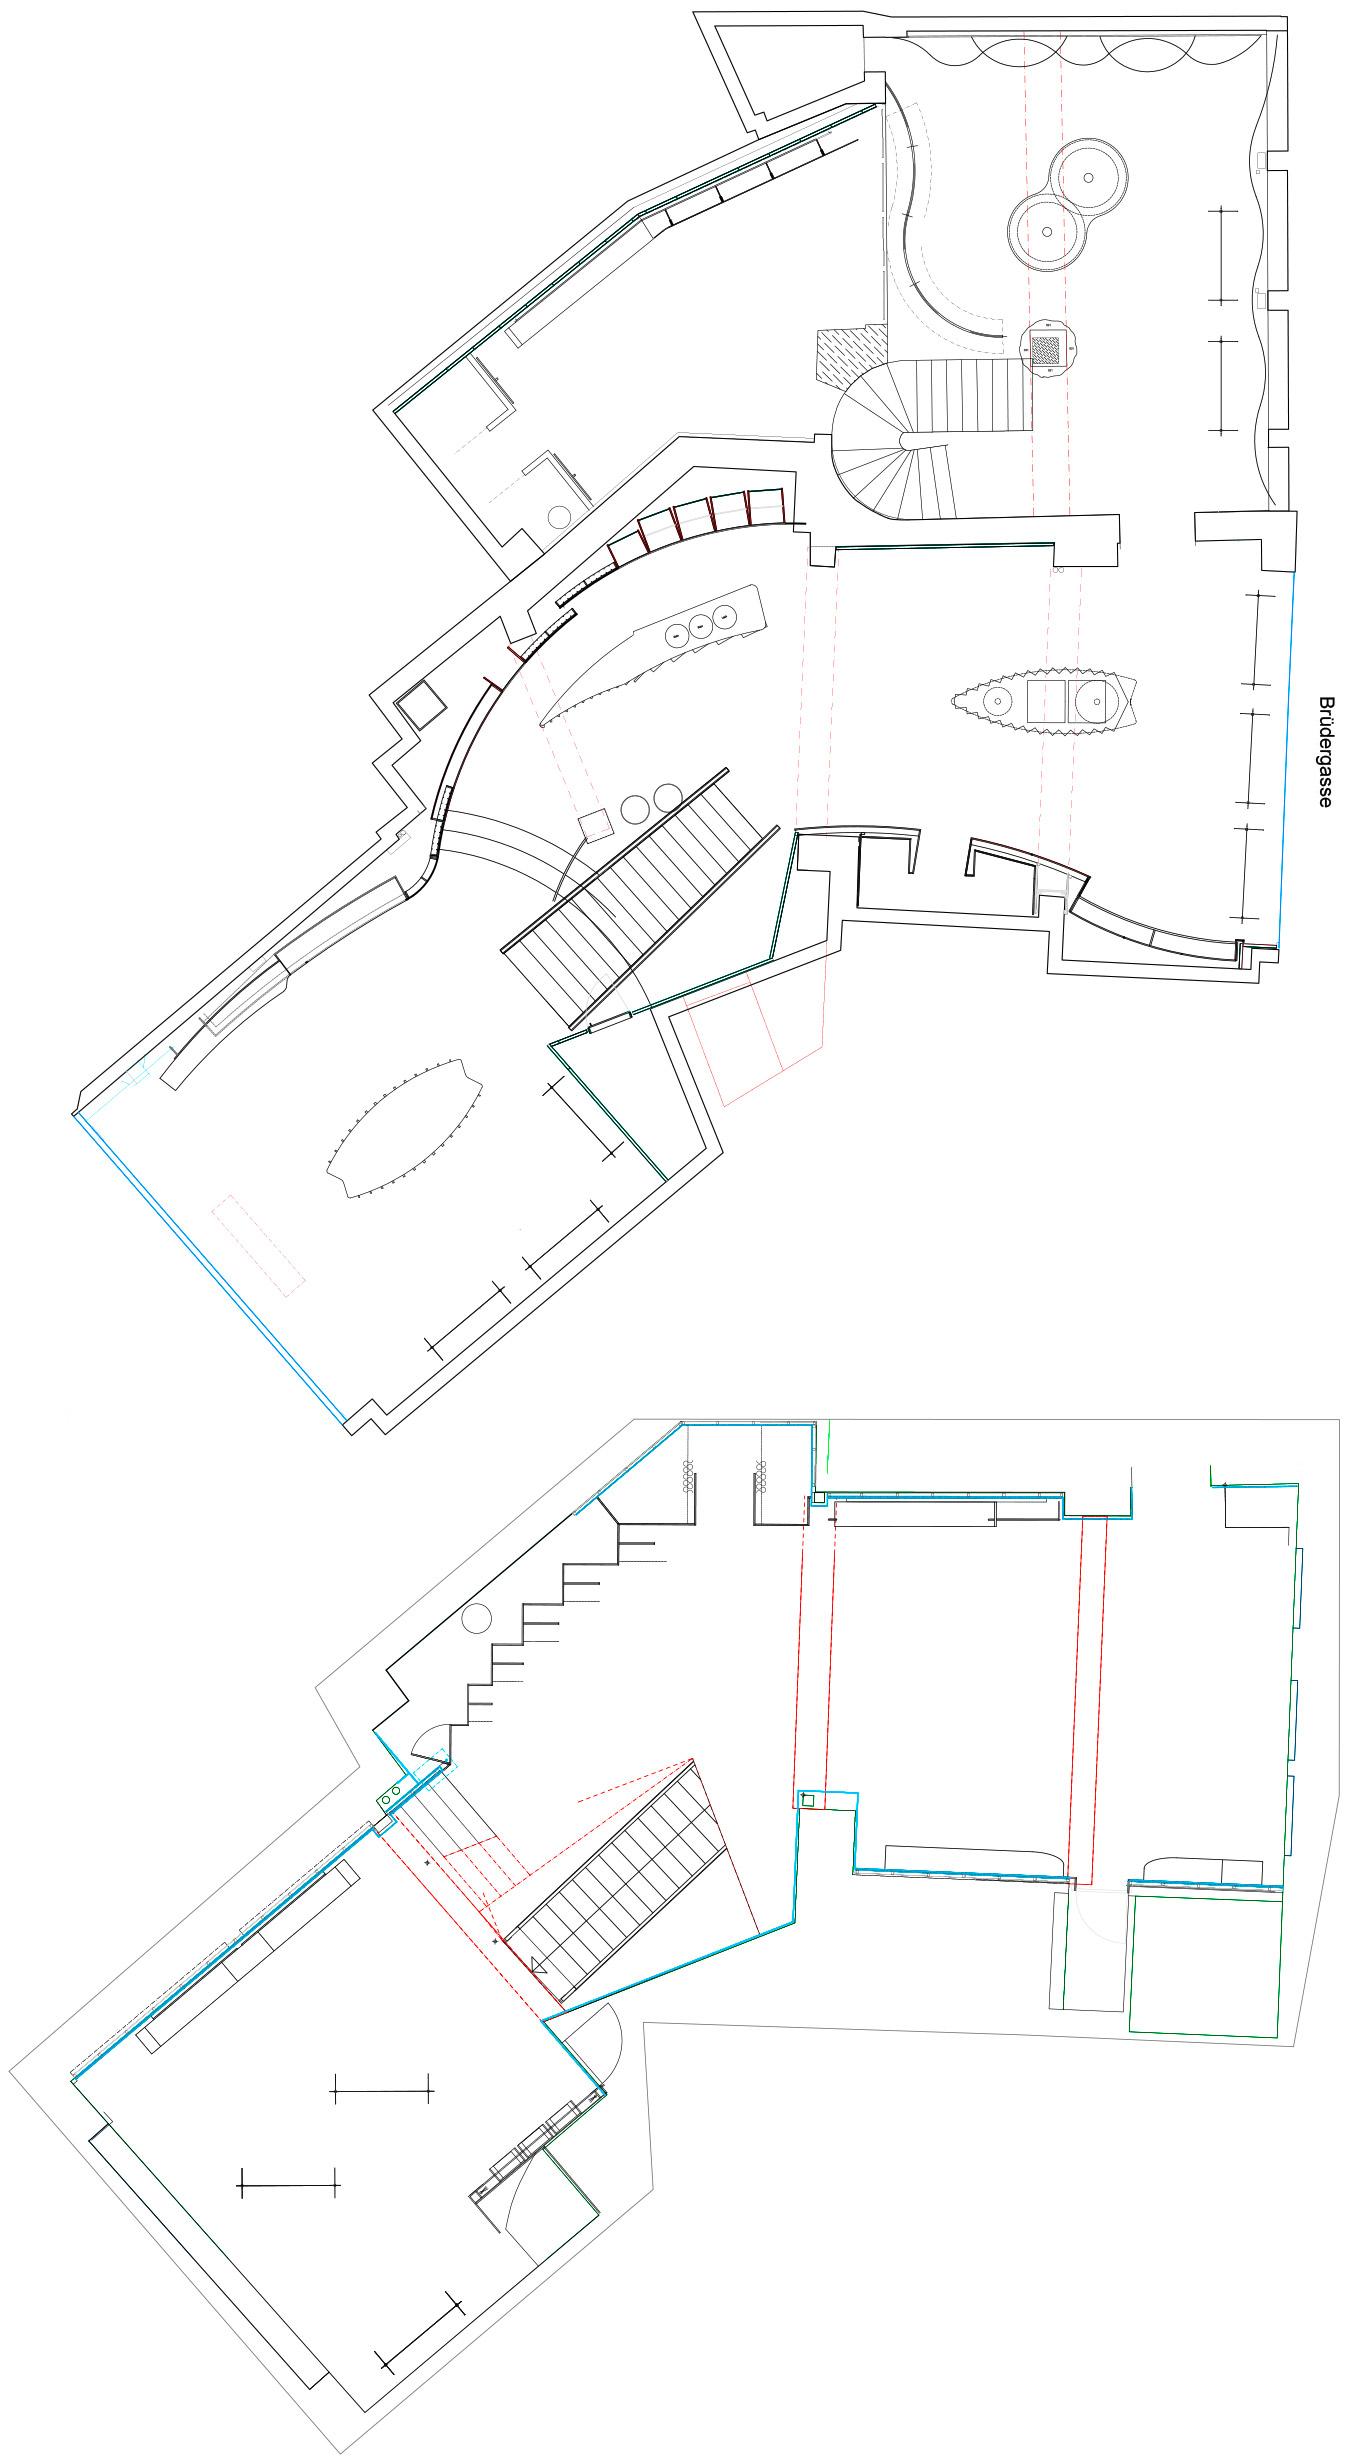 Madaus Design, Robert Ley Damen Store Bonn, Grundrisse erd- und Obergeschoss